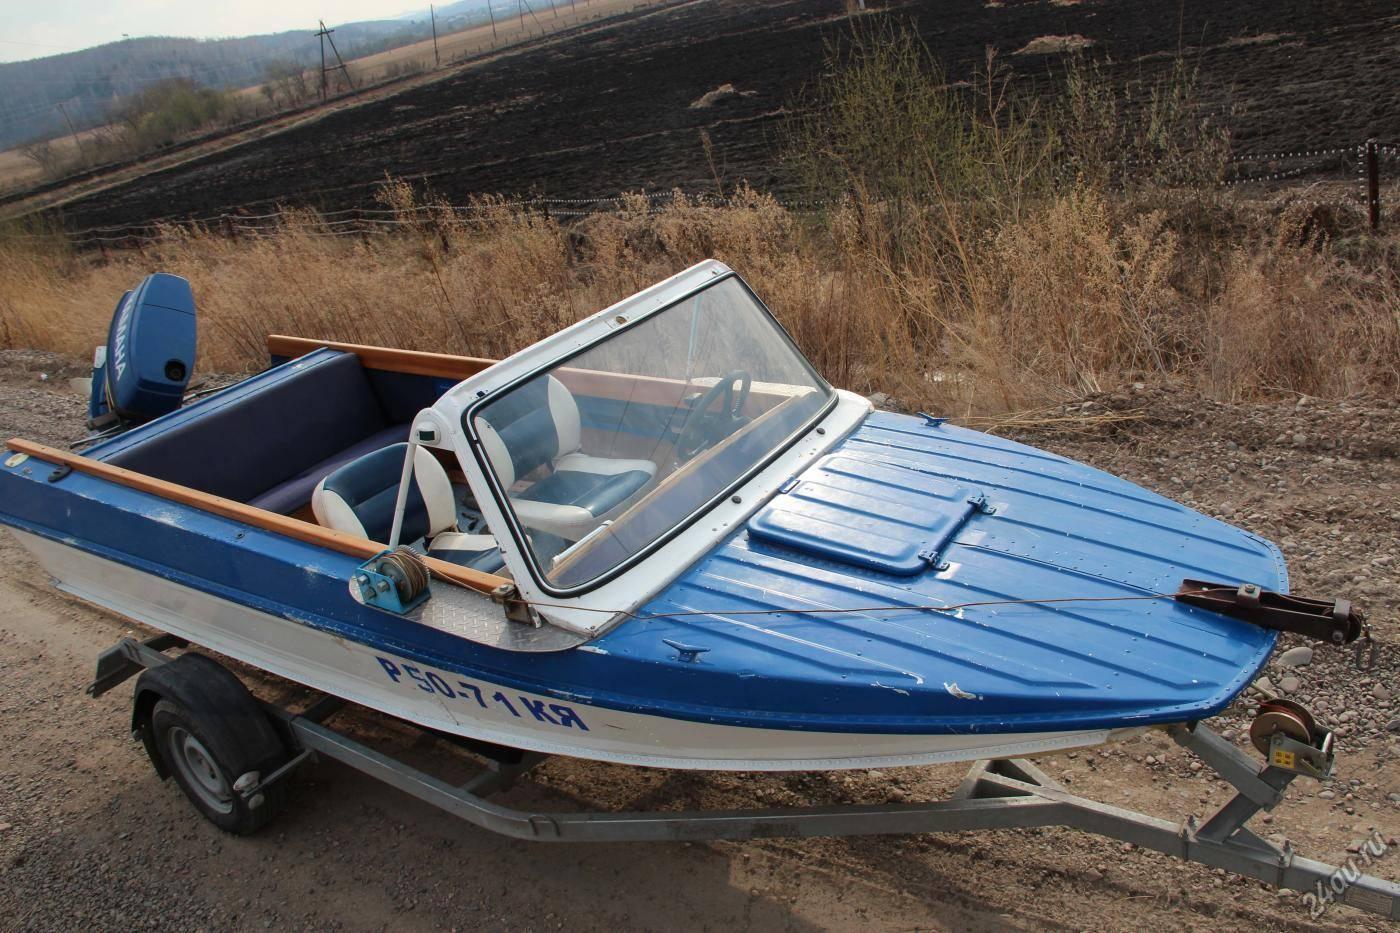 Мотолодка «казанка-5» — описание, технические характеристики моторной лодки «казанка-5»